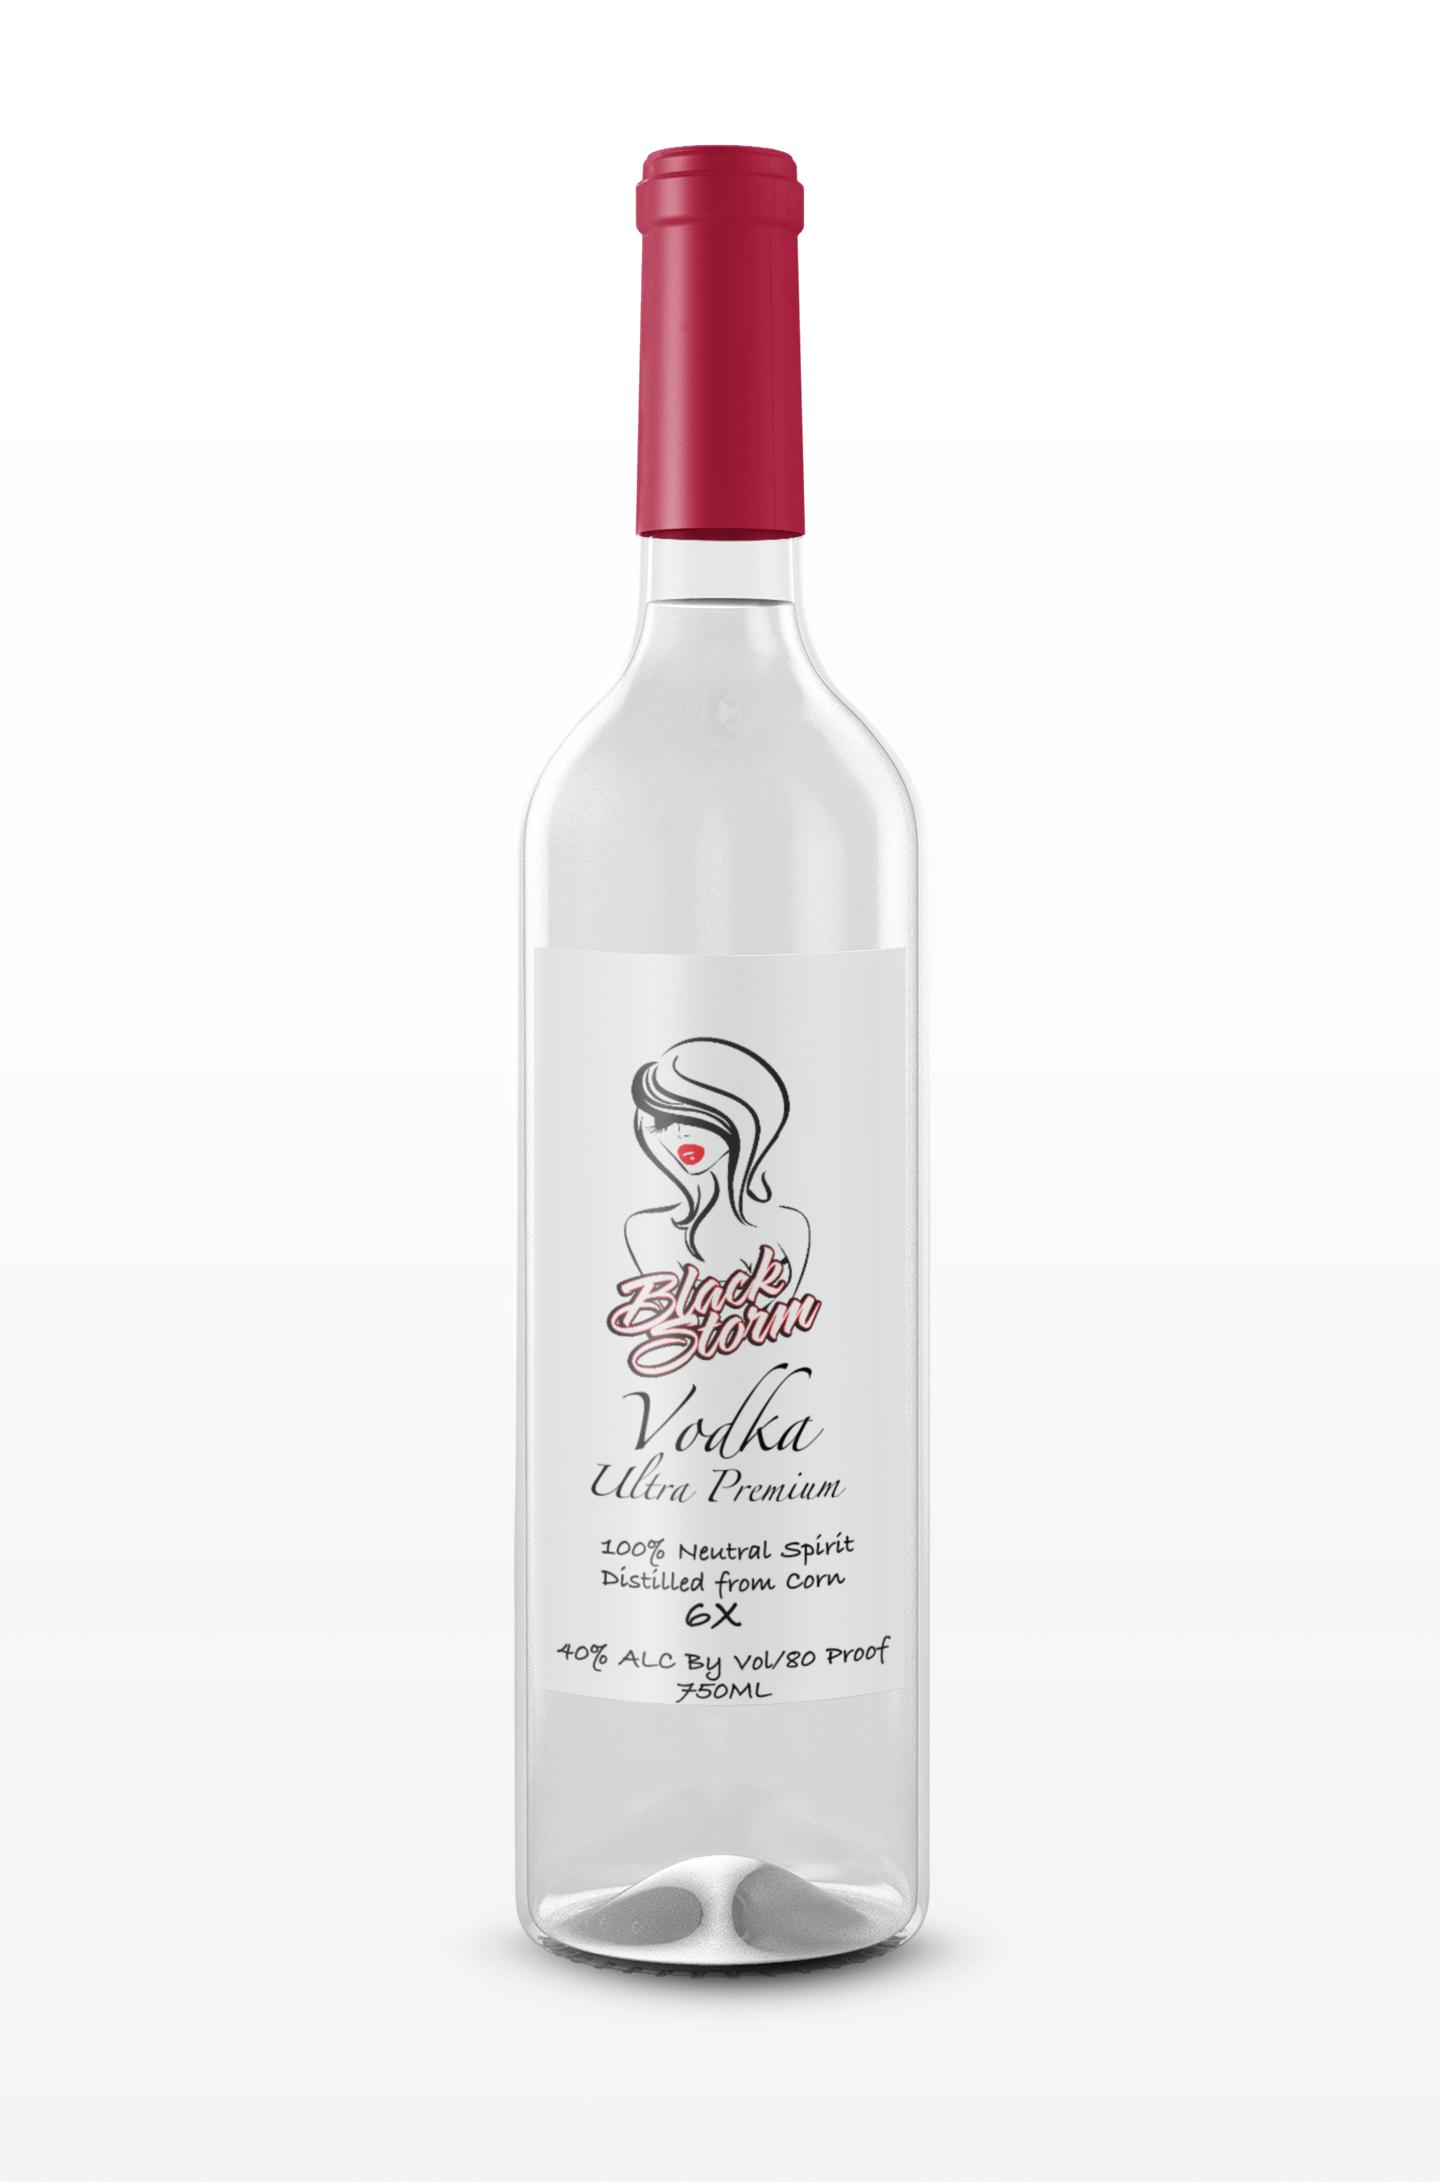 BlackStorm Vodka